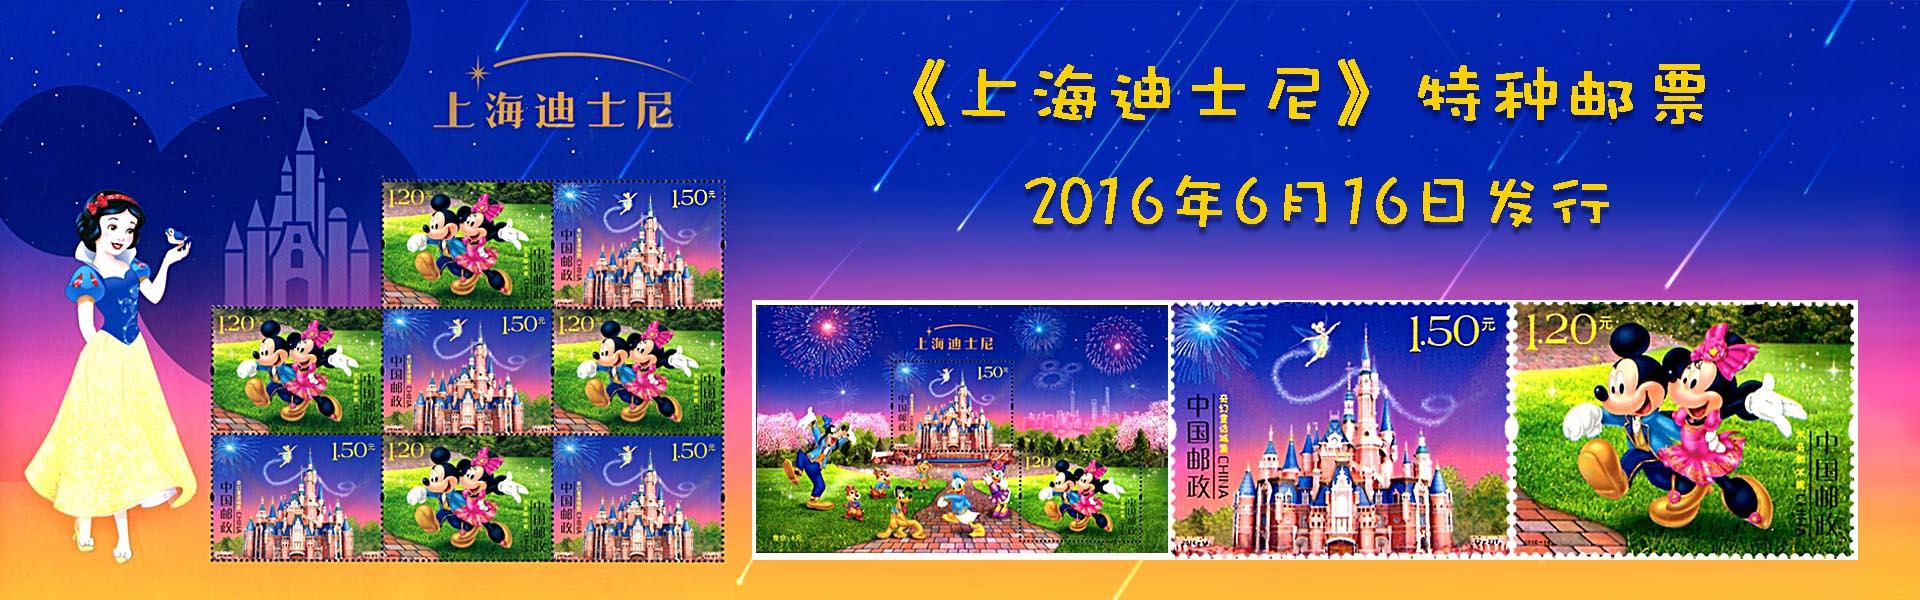 迪士尼邮票海报/红楼梦邮票海报